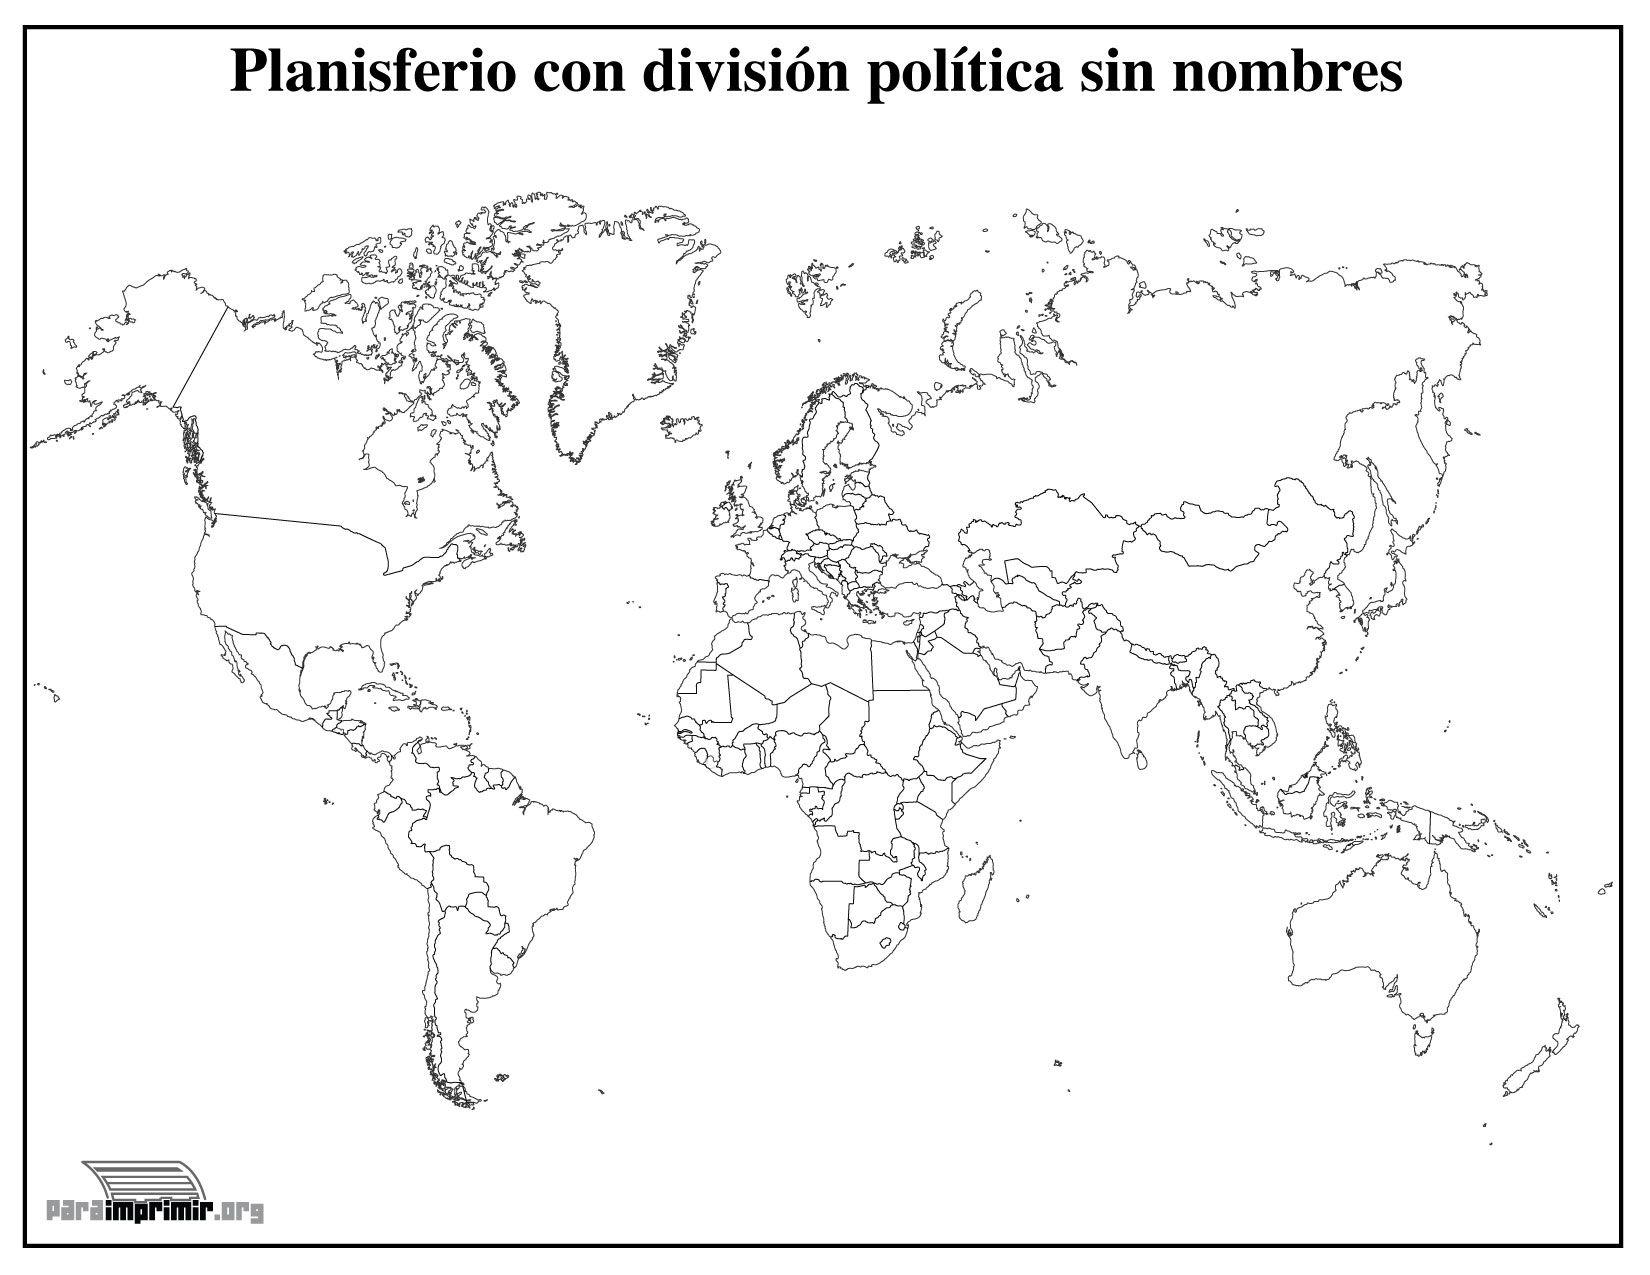 Imagenes Sin Colorear: Mapamundi Con División Política Sin Nombres Para Imprimir